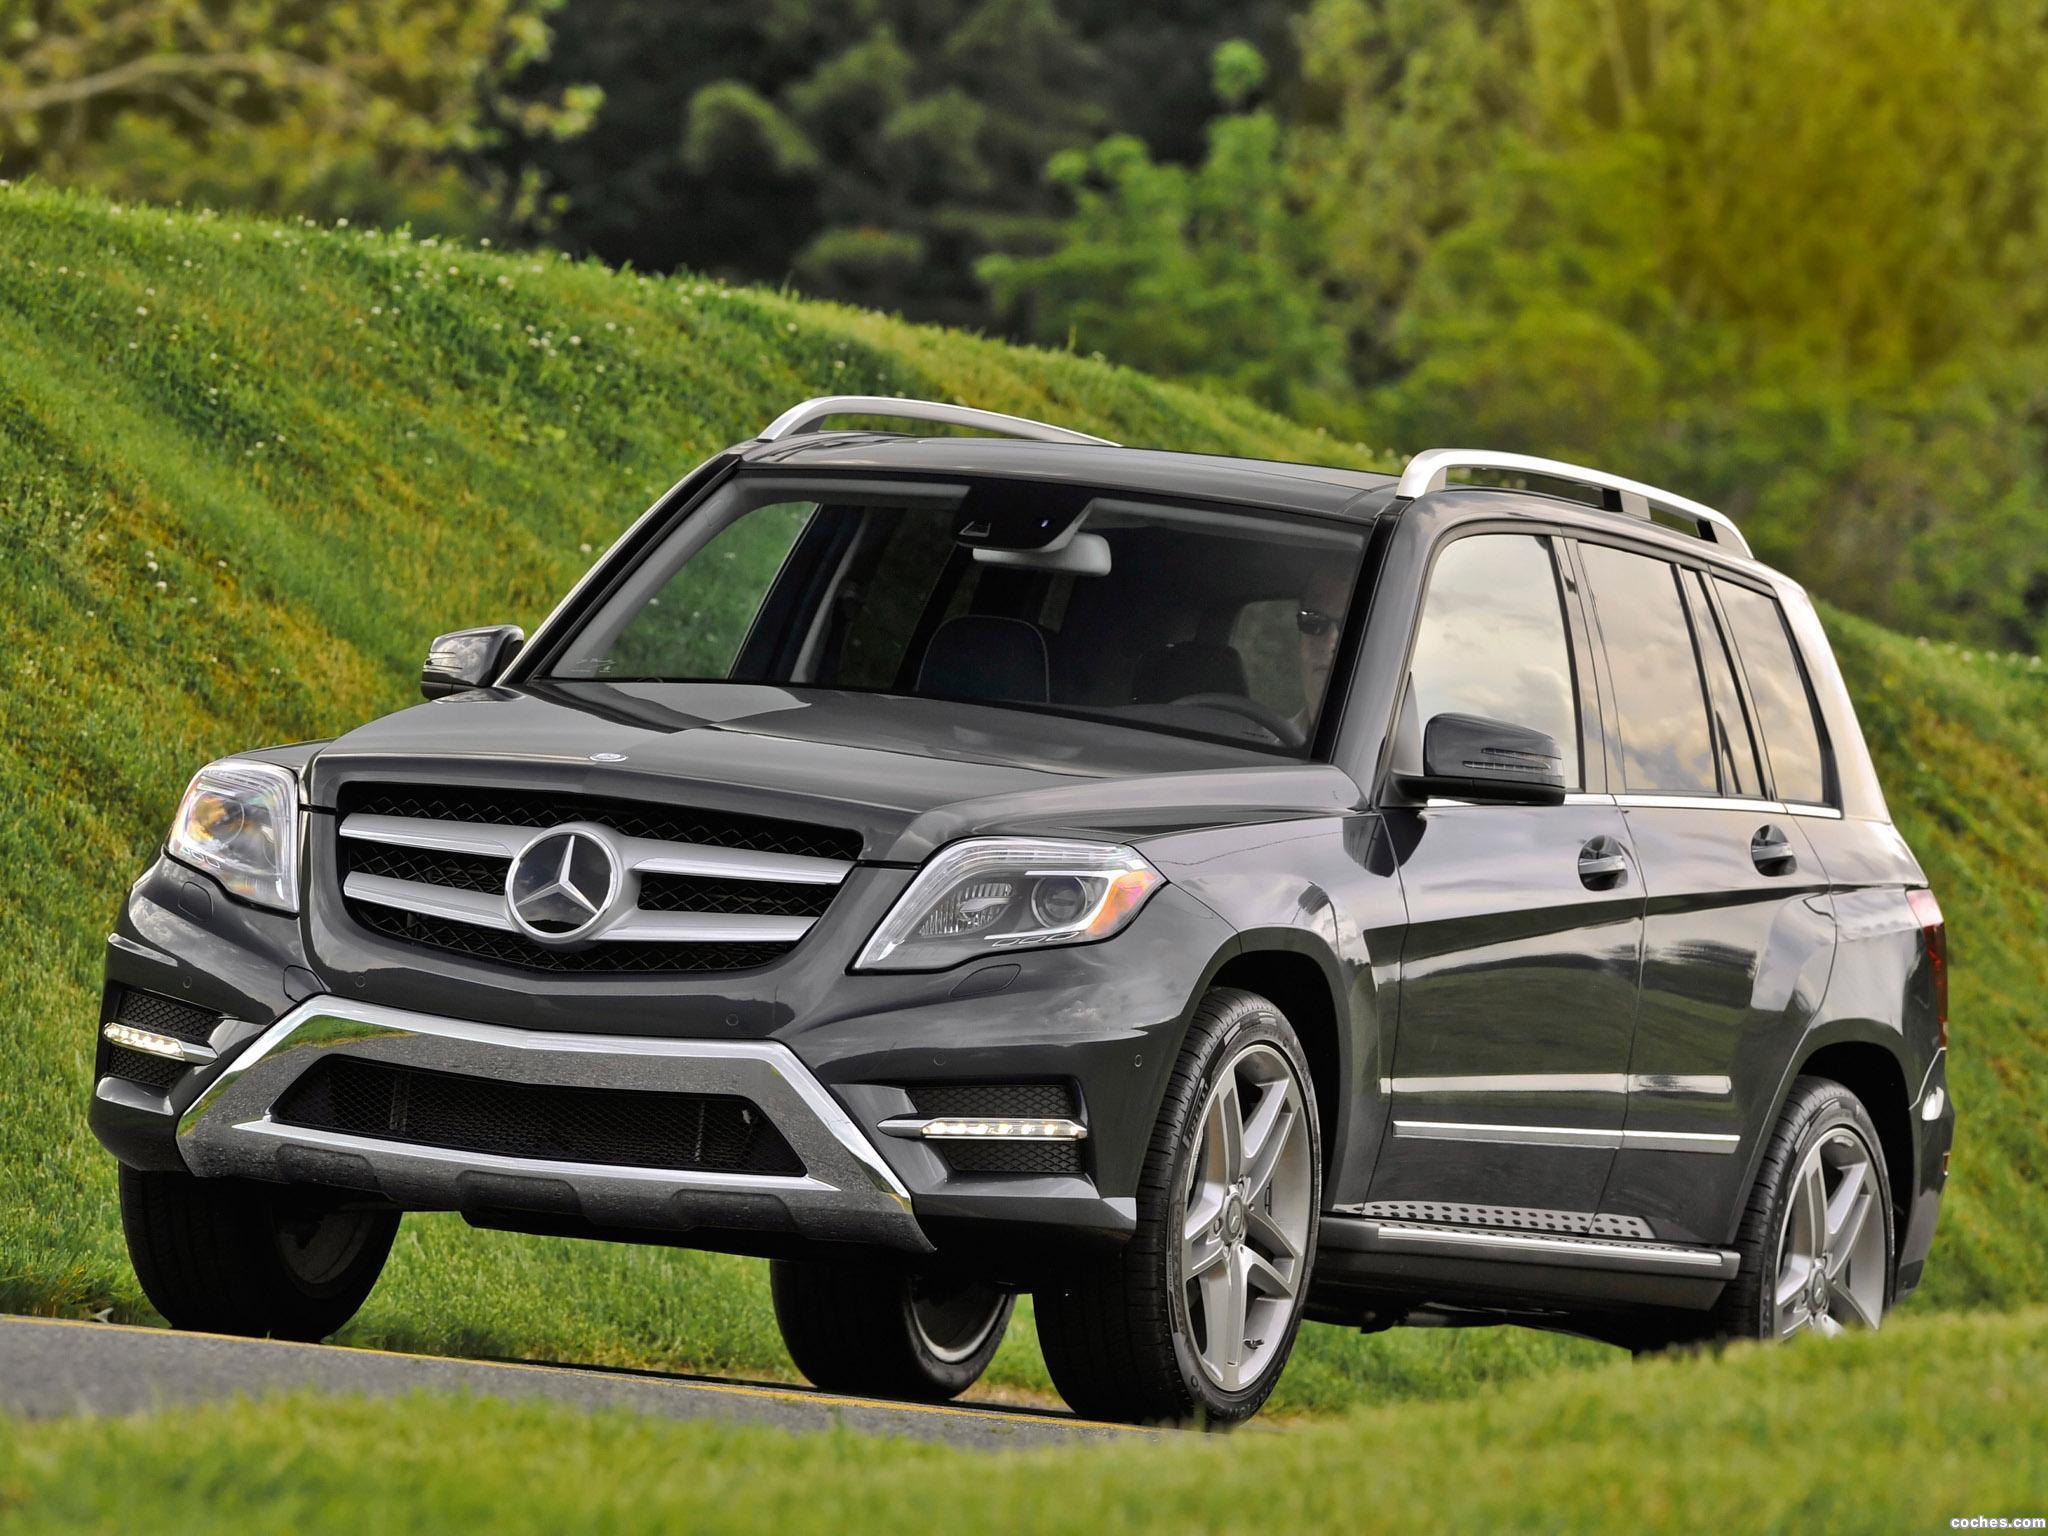 Foto 6 de Mercedes Clase GLK 350 USA X204 2012